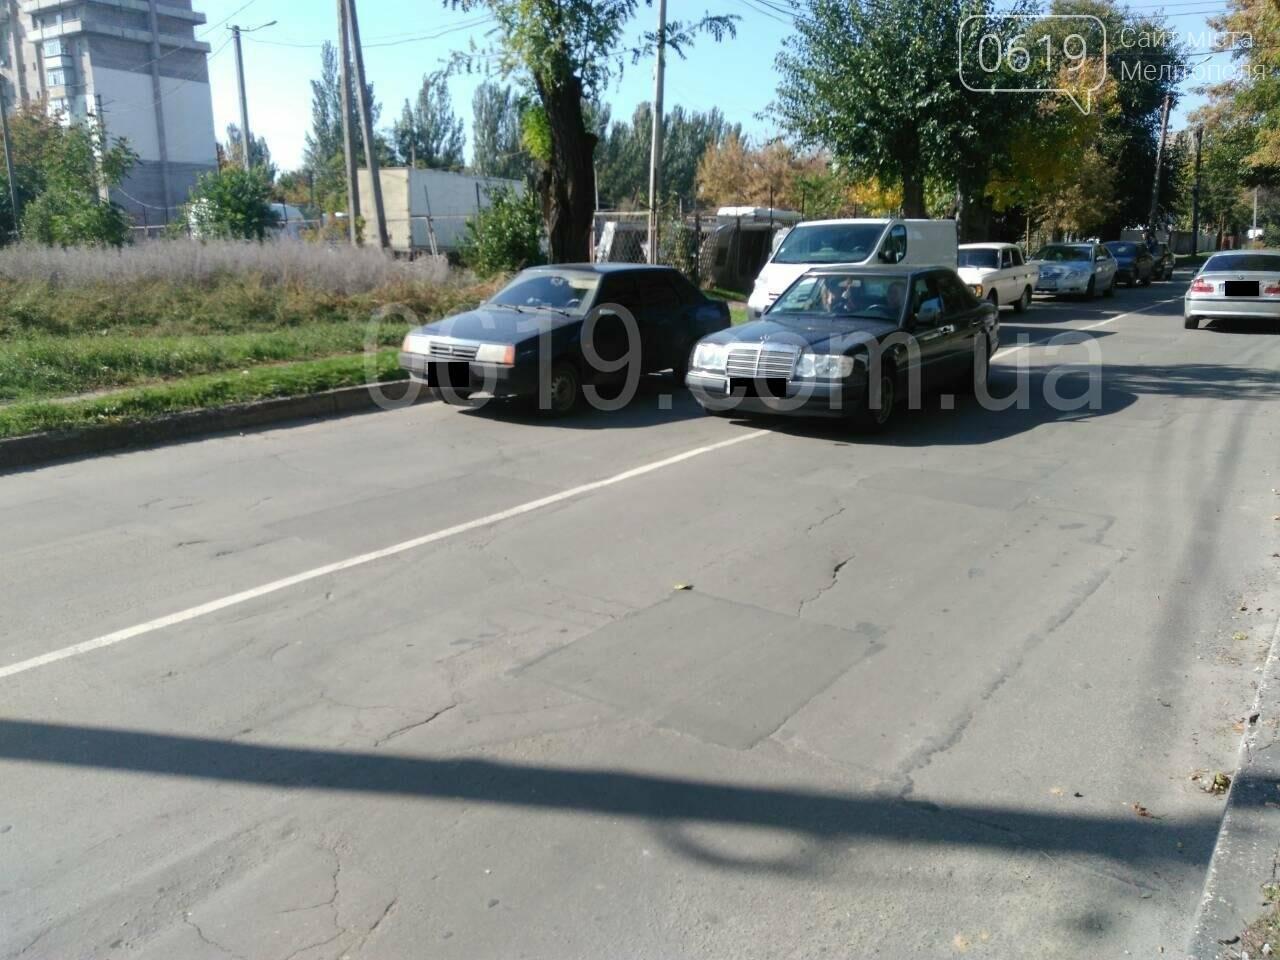 В день открытия сервисного центра МВД водители столкнулись с неожиданной проблемой, фото-3, Фото сайта 0619